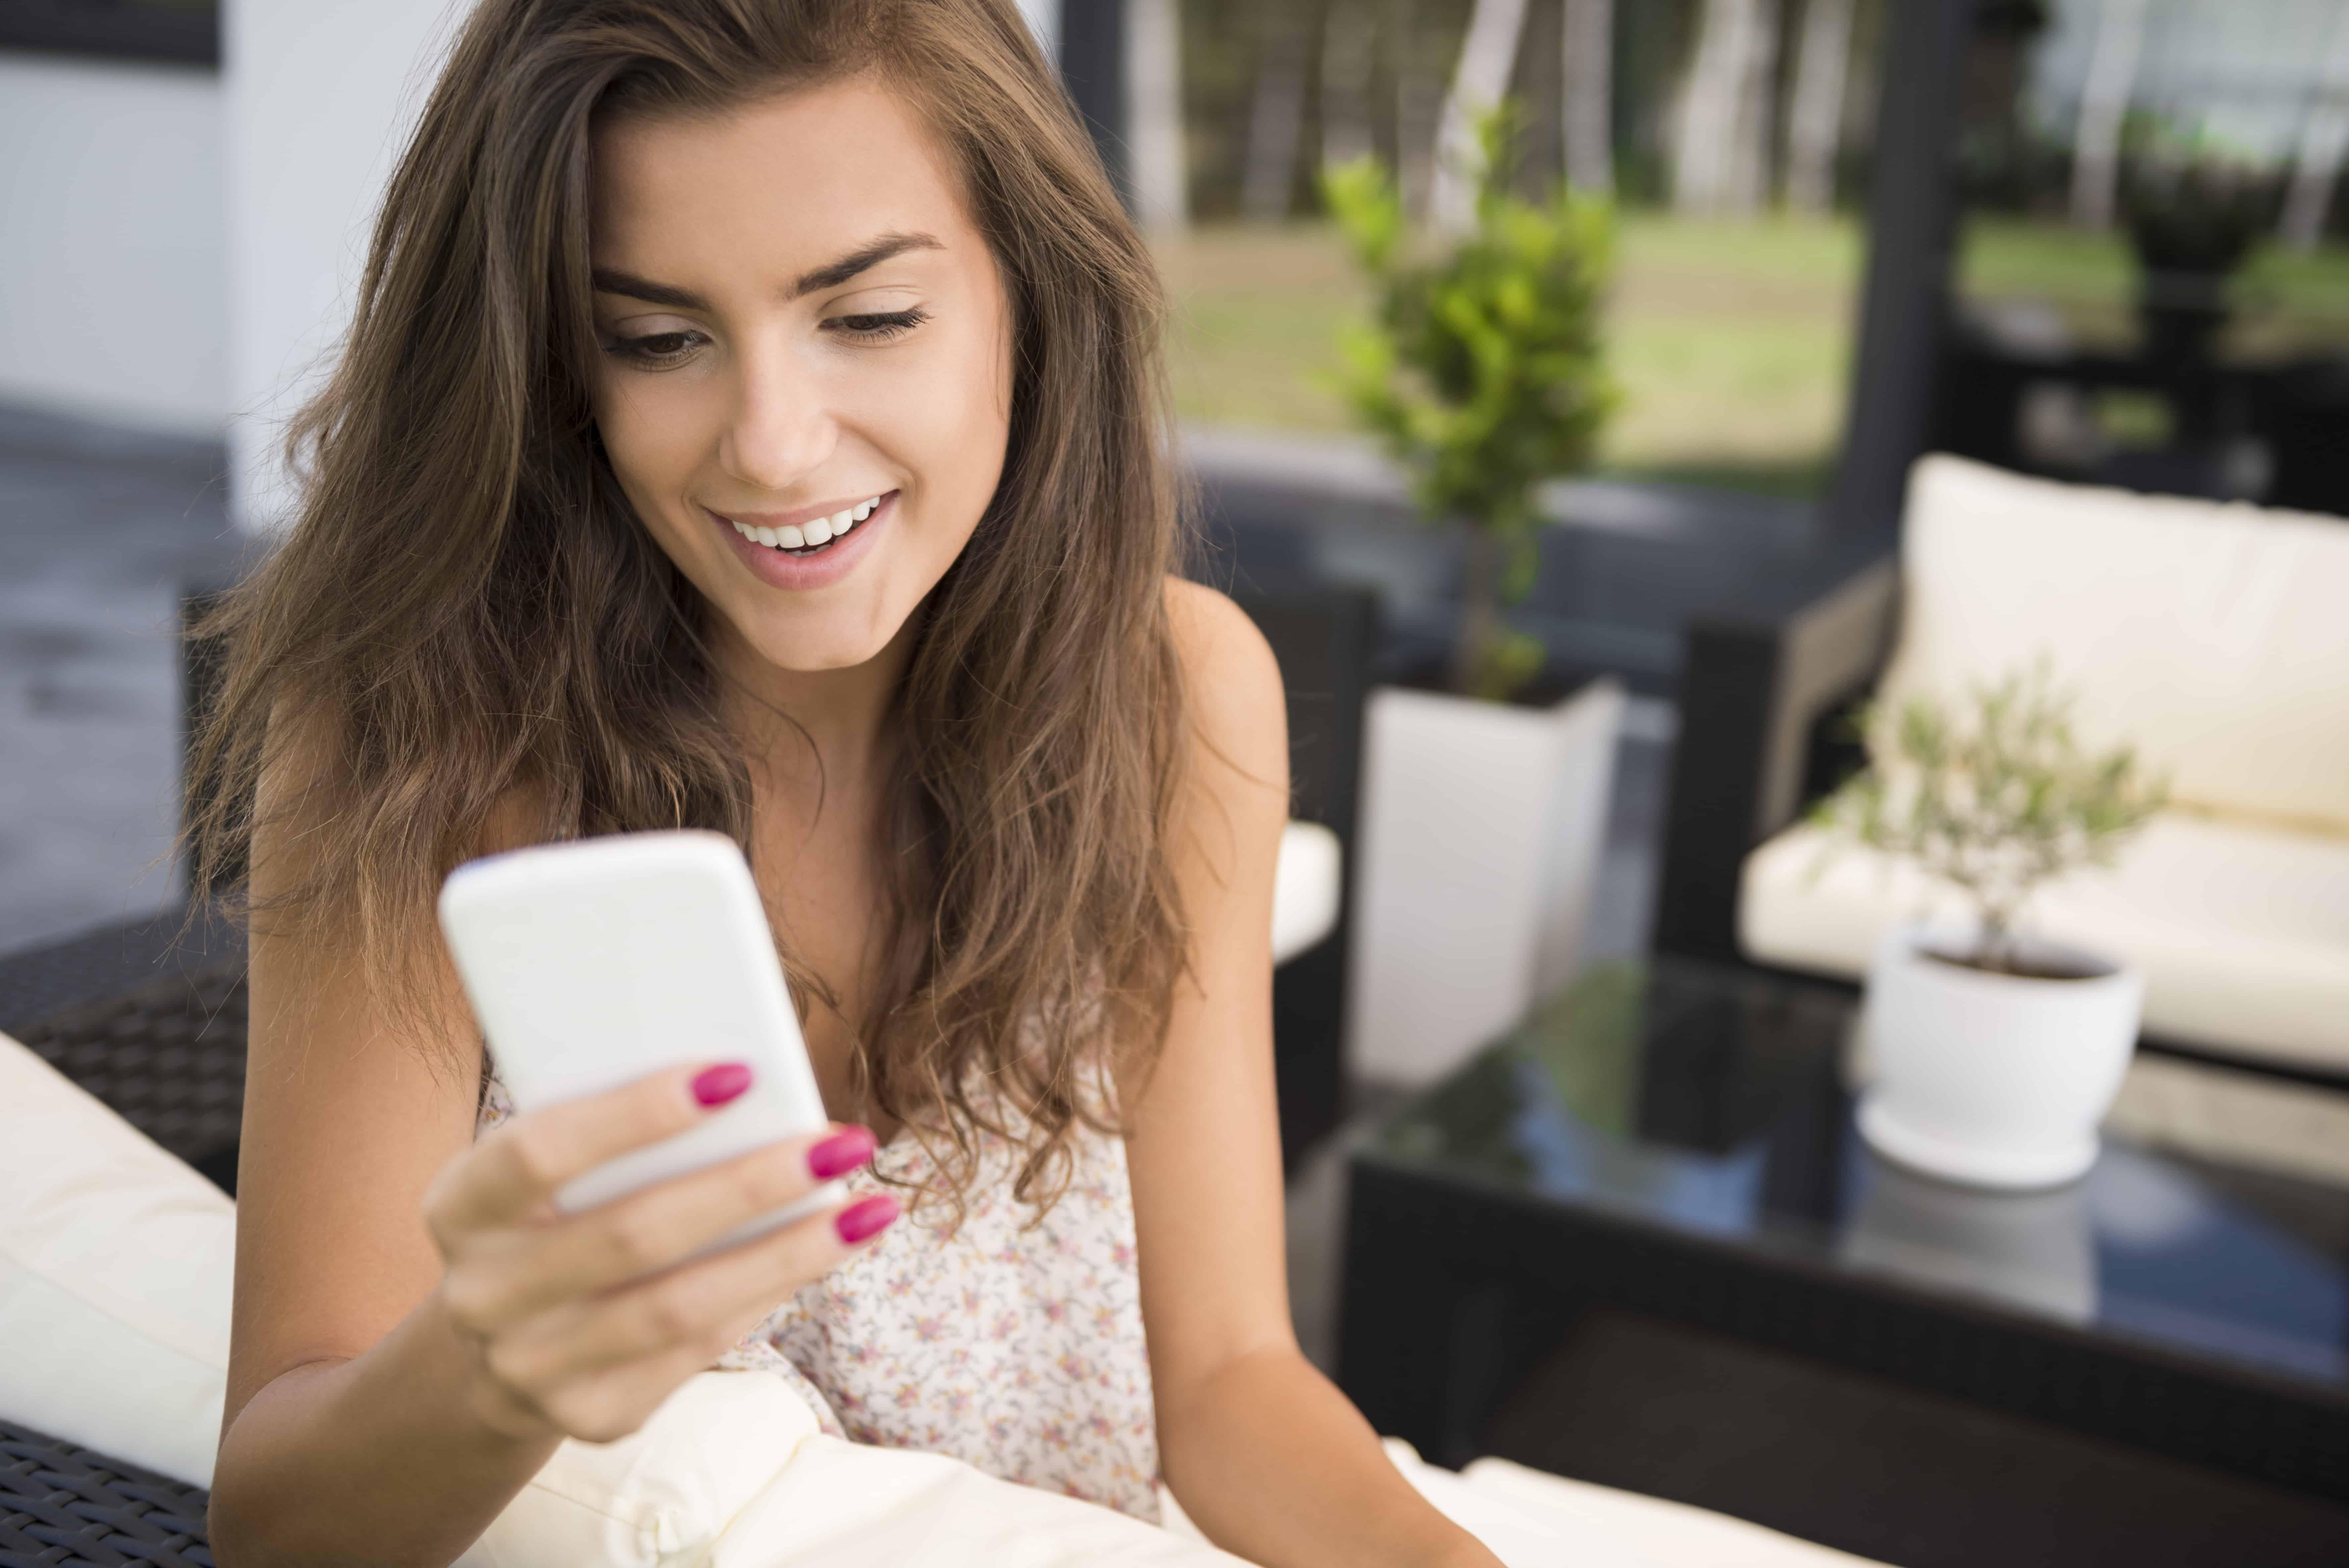 girl sending a sext message